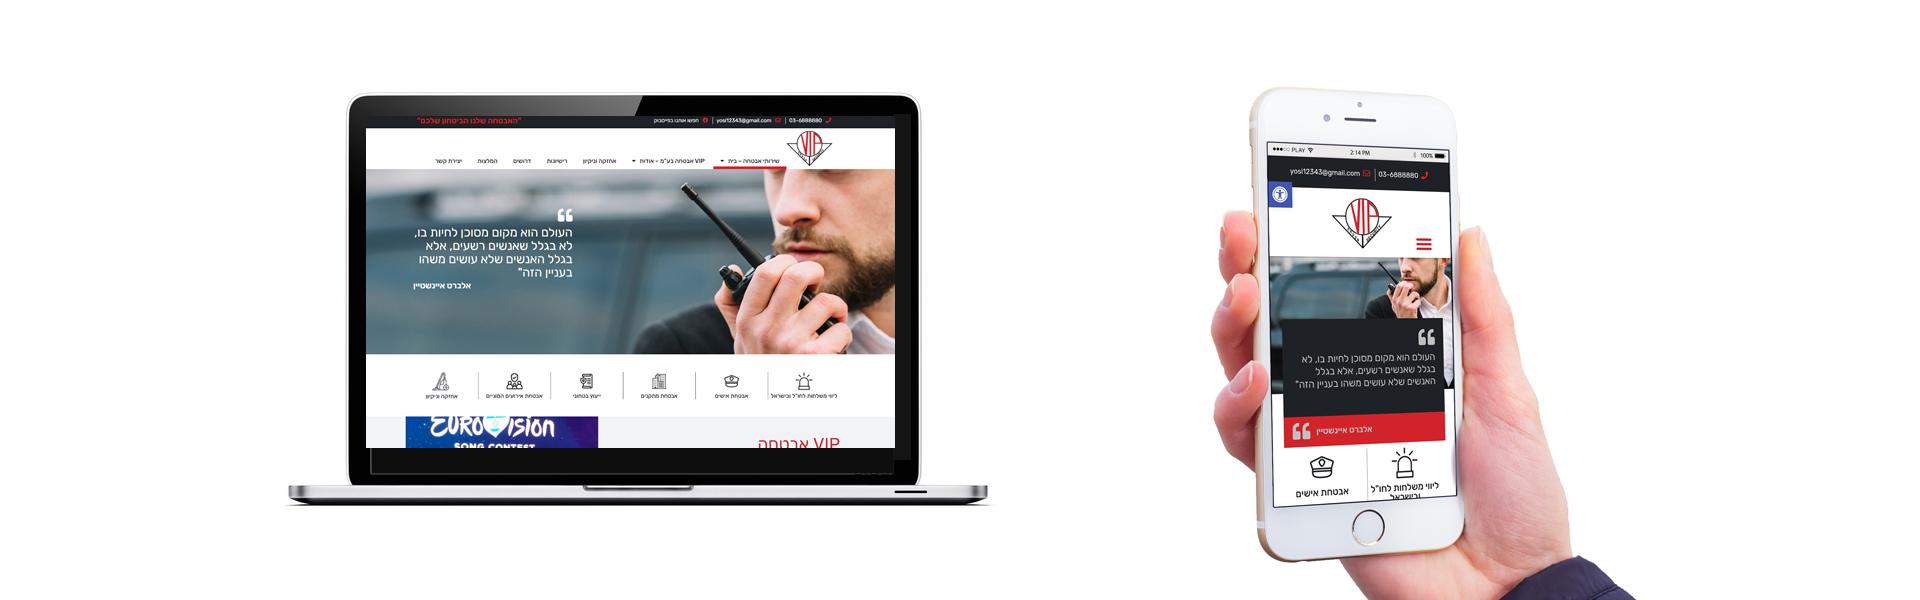 vip-security עיצוב ובניית אתר - סטודיו אבישיד